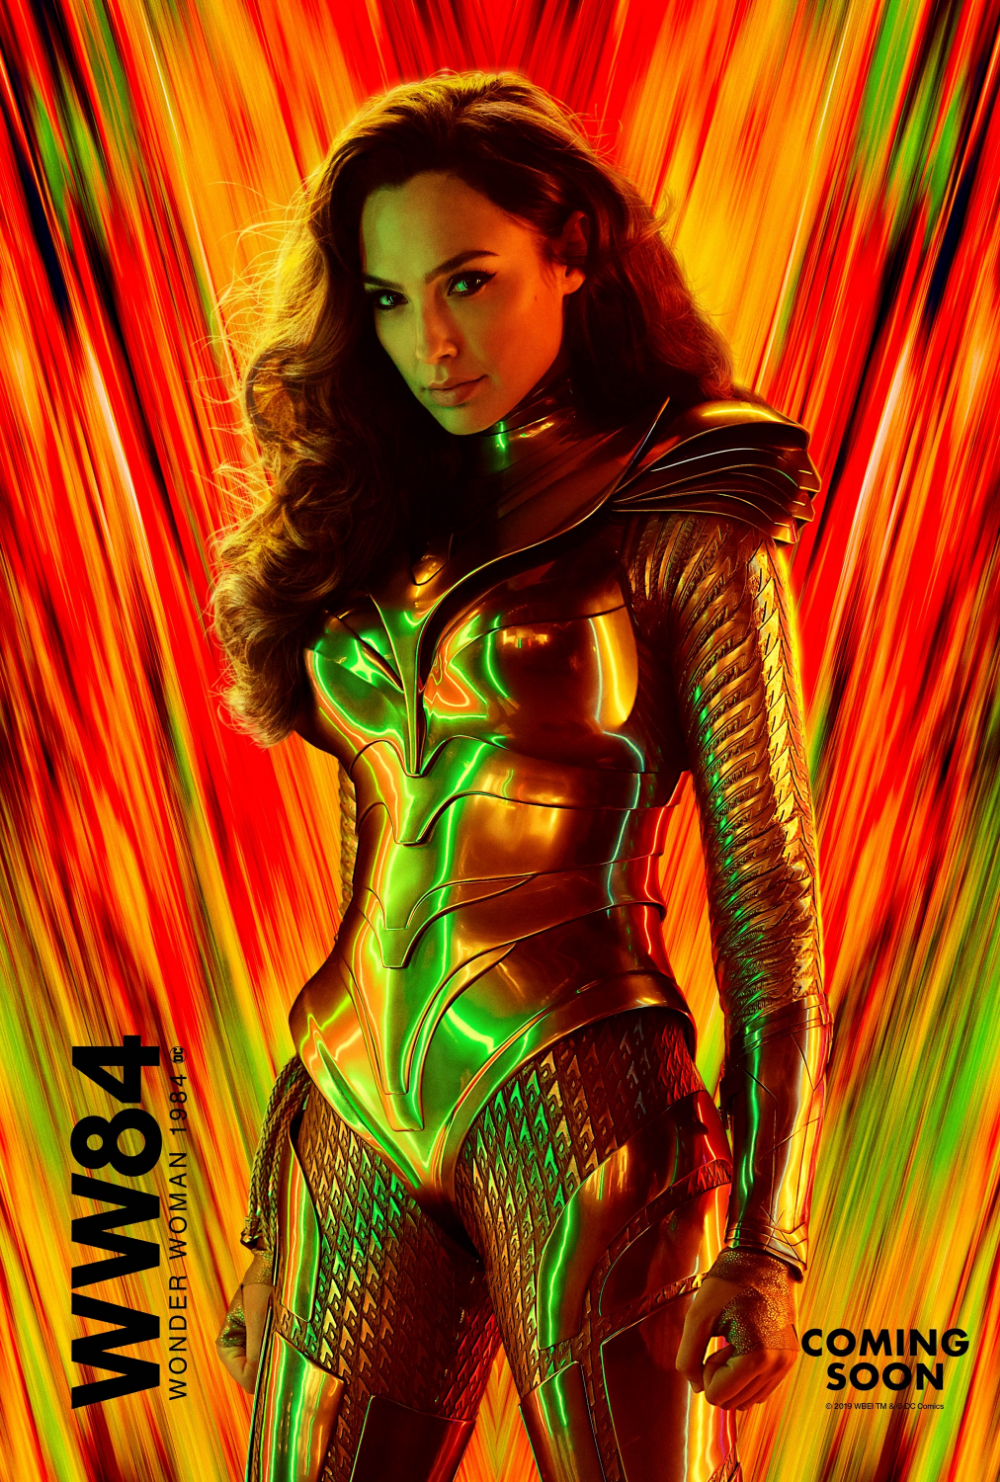 Wonder Woman 1984 Gal Gadot Wonder Woman Wonder Woman Gal Gadot